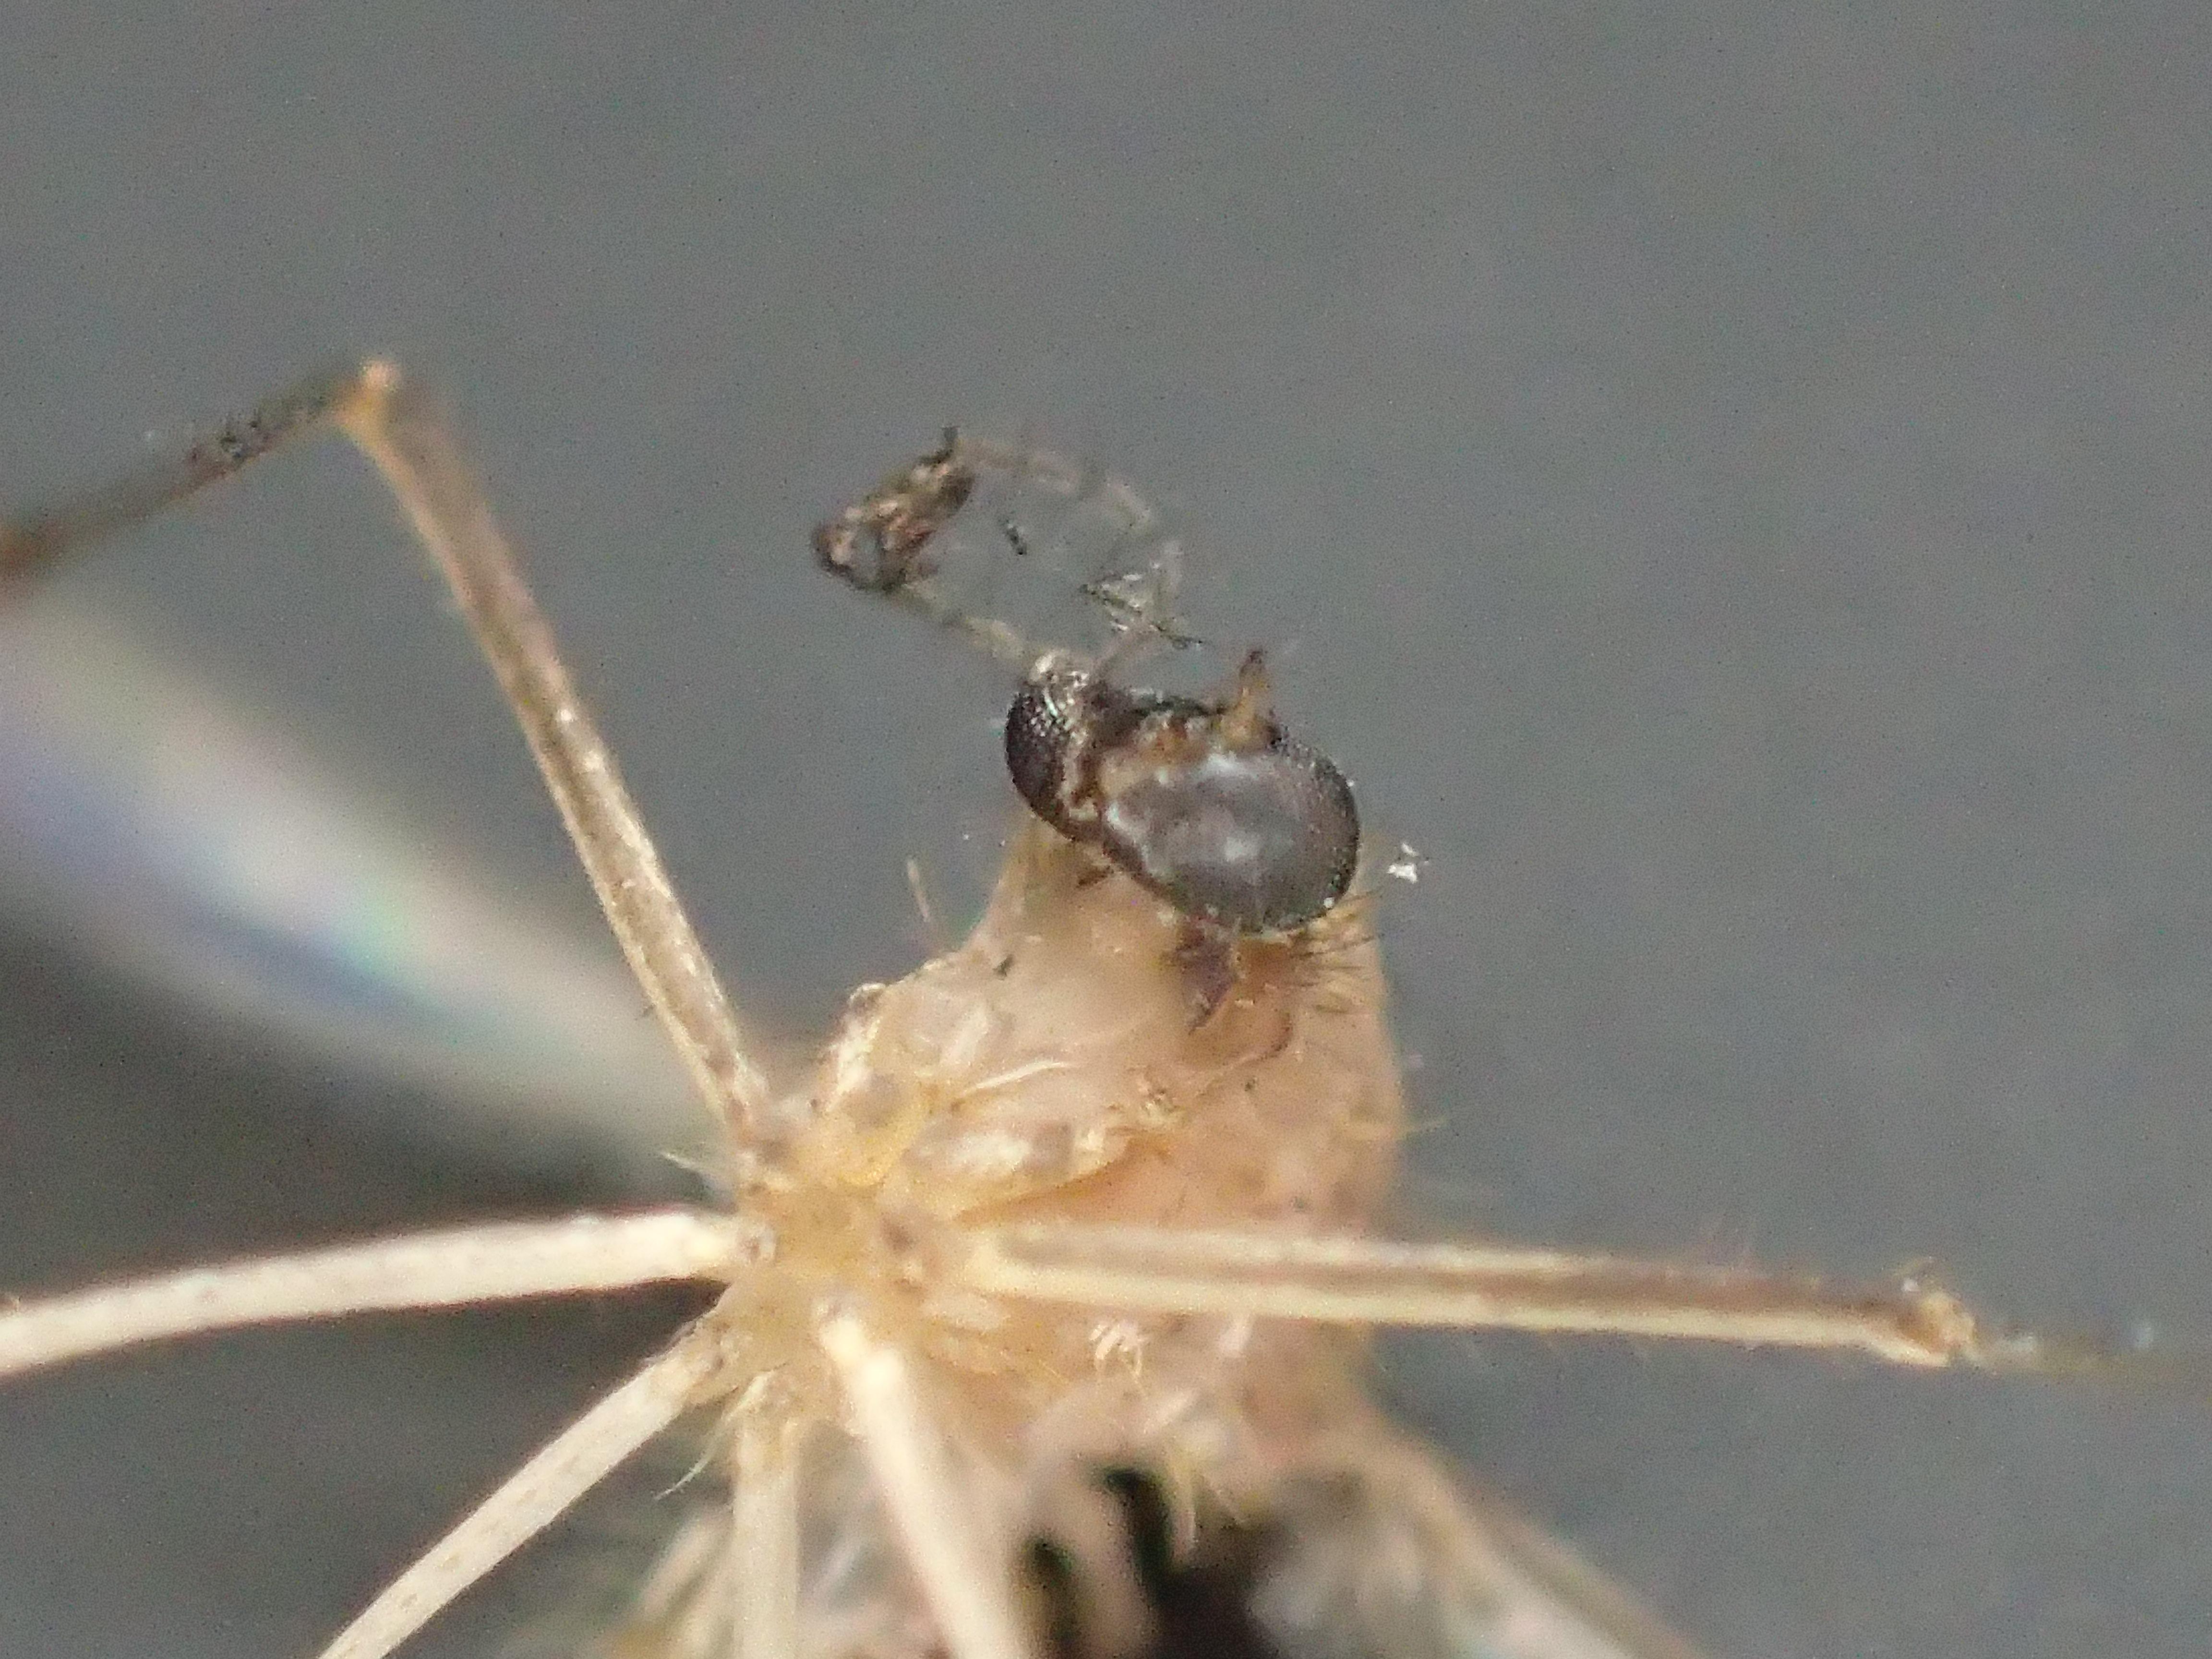 電撃殺虫ラケットで焼け焦げて完全に死滅したイエカ(蚊)の死骸